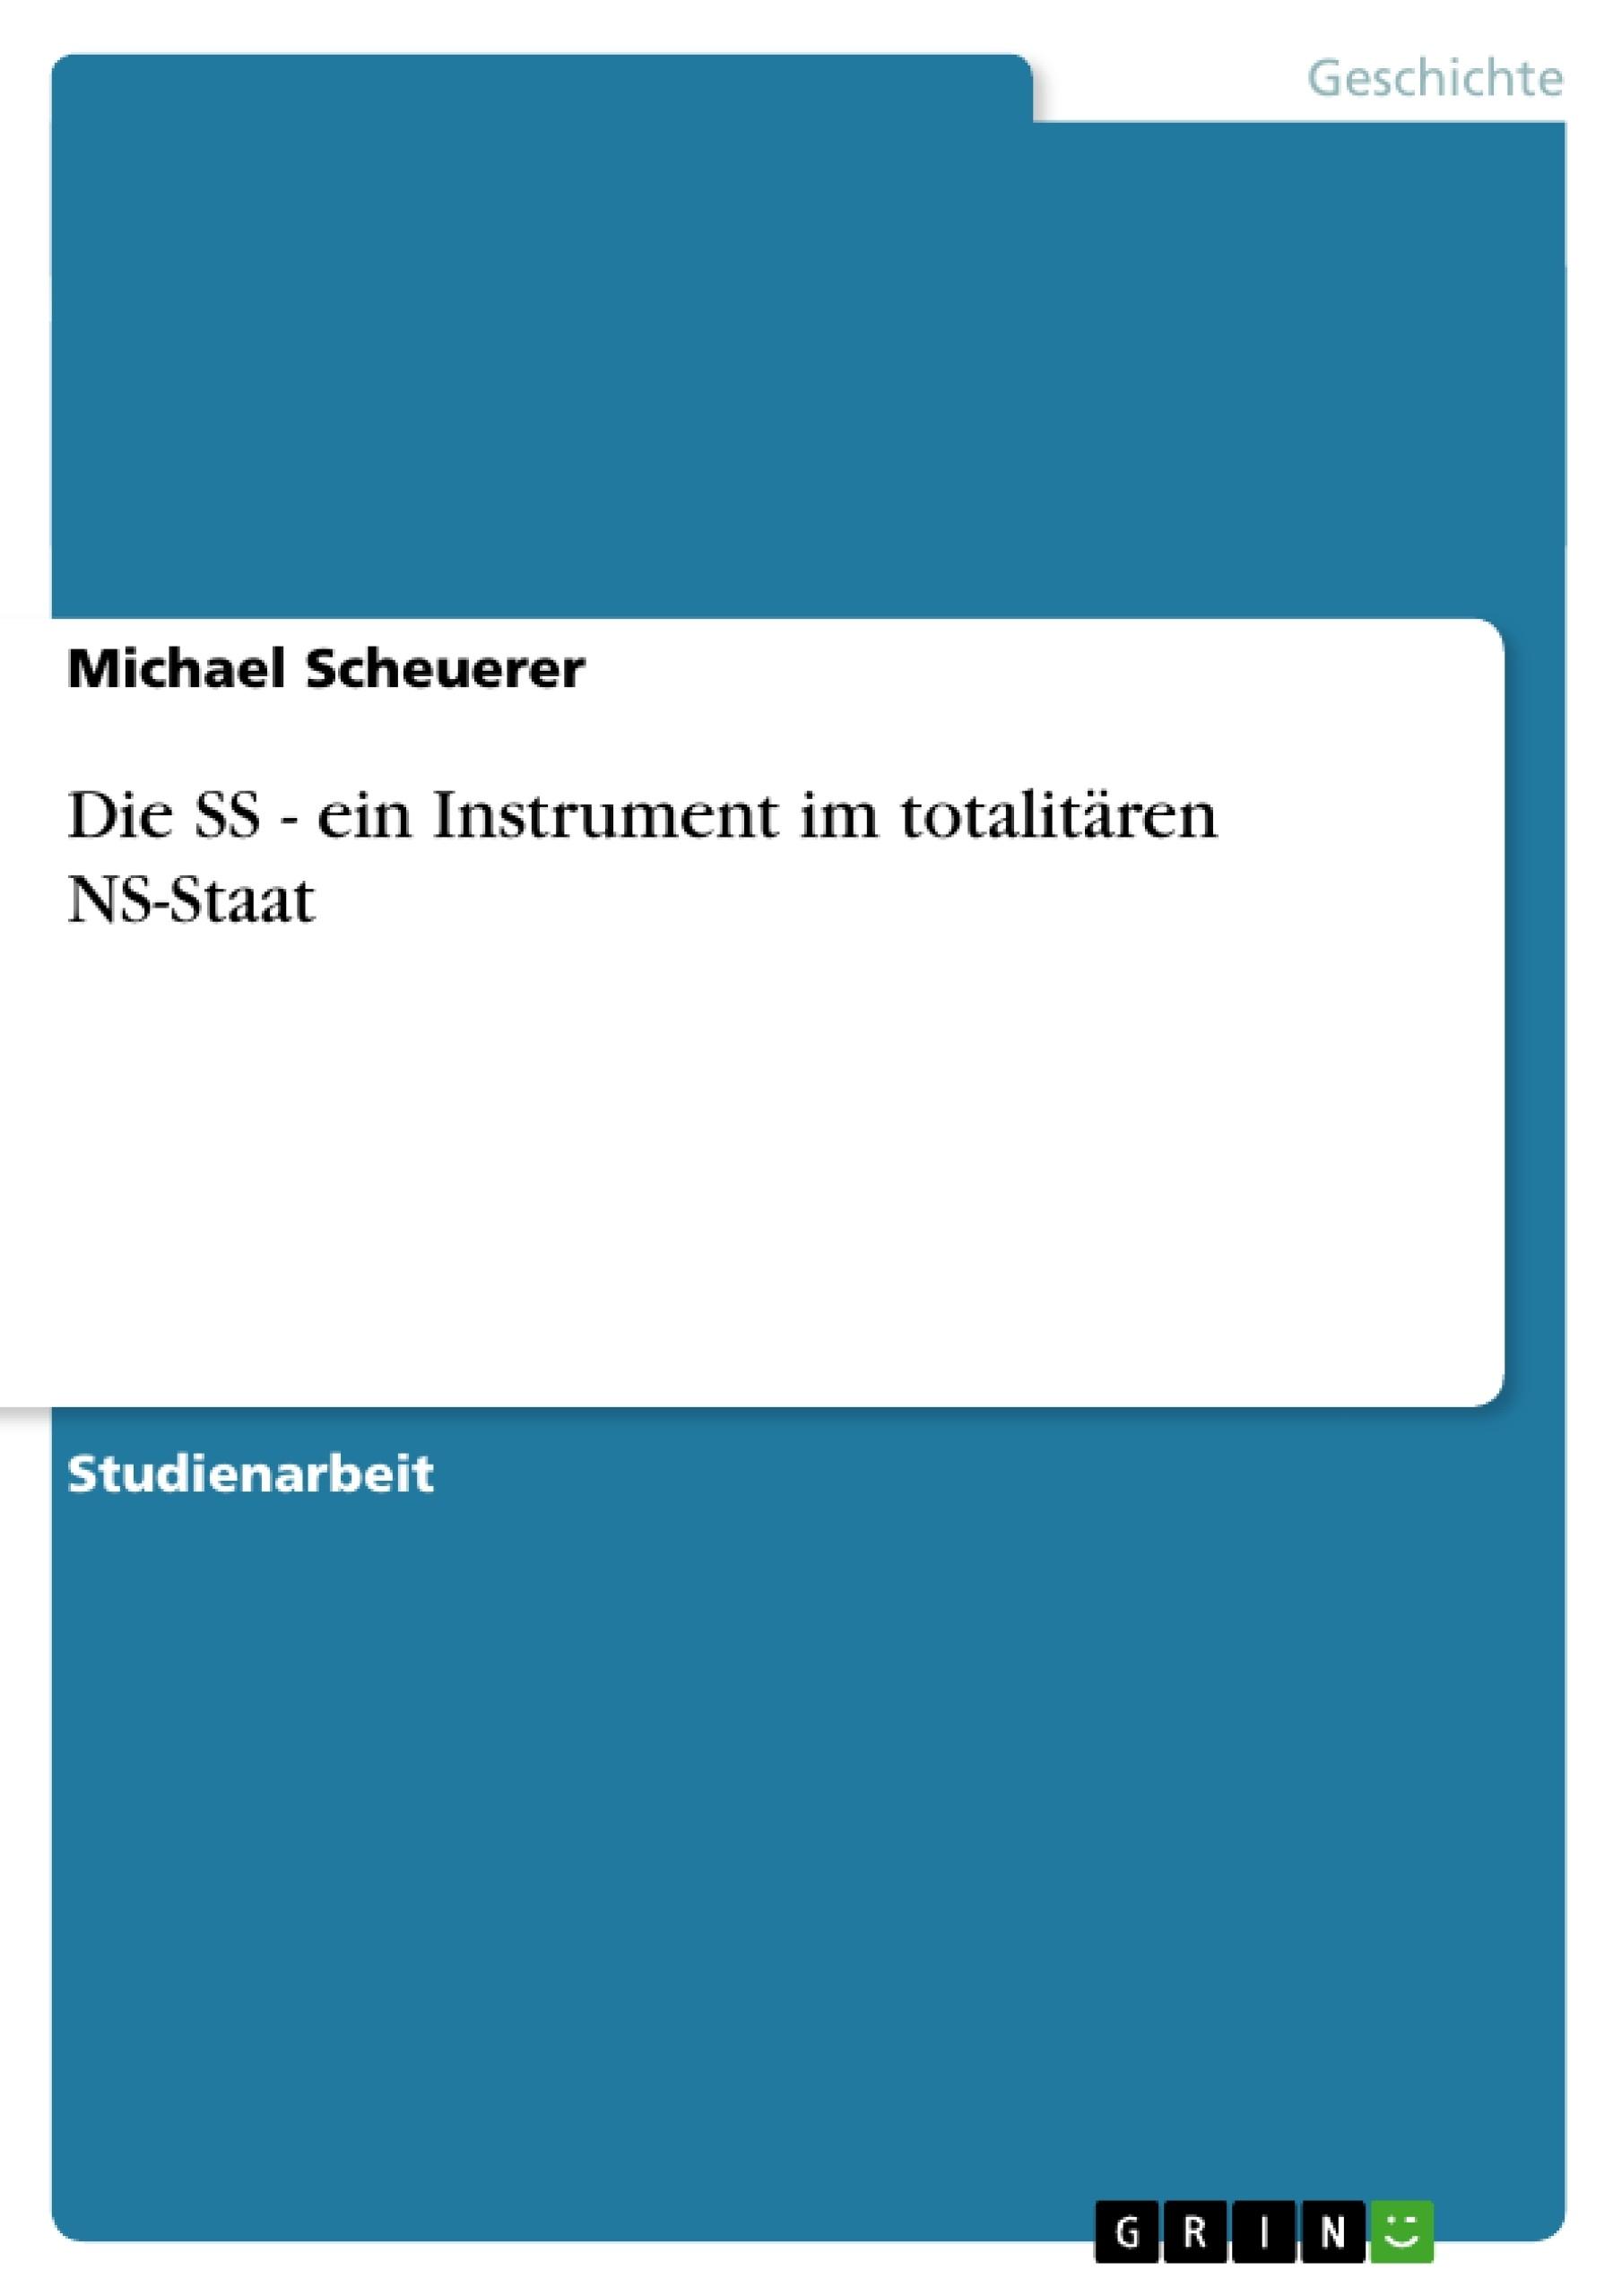 Titel: Die SS - ein Instrument im totalitären NS-Staat